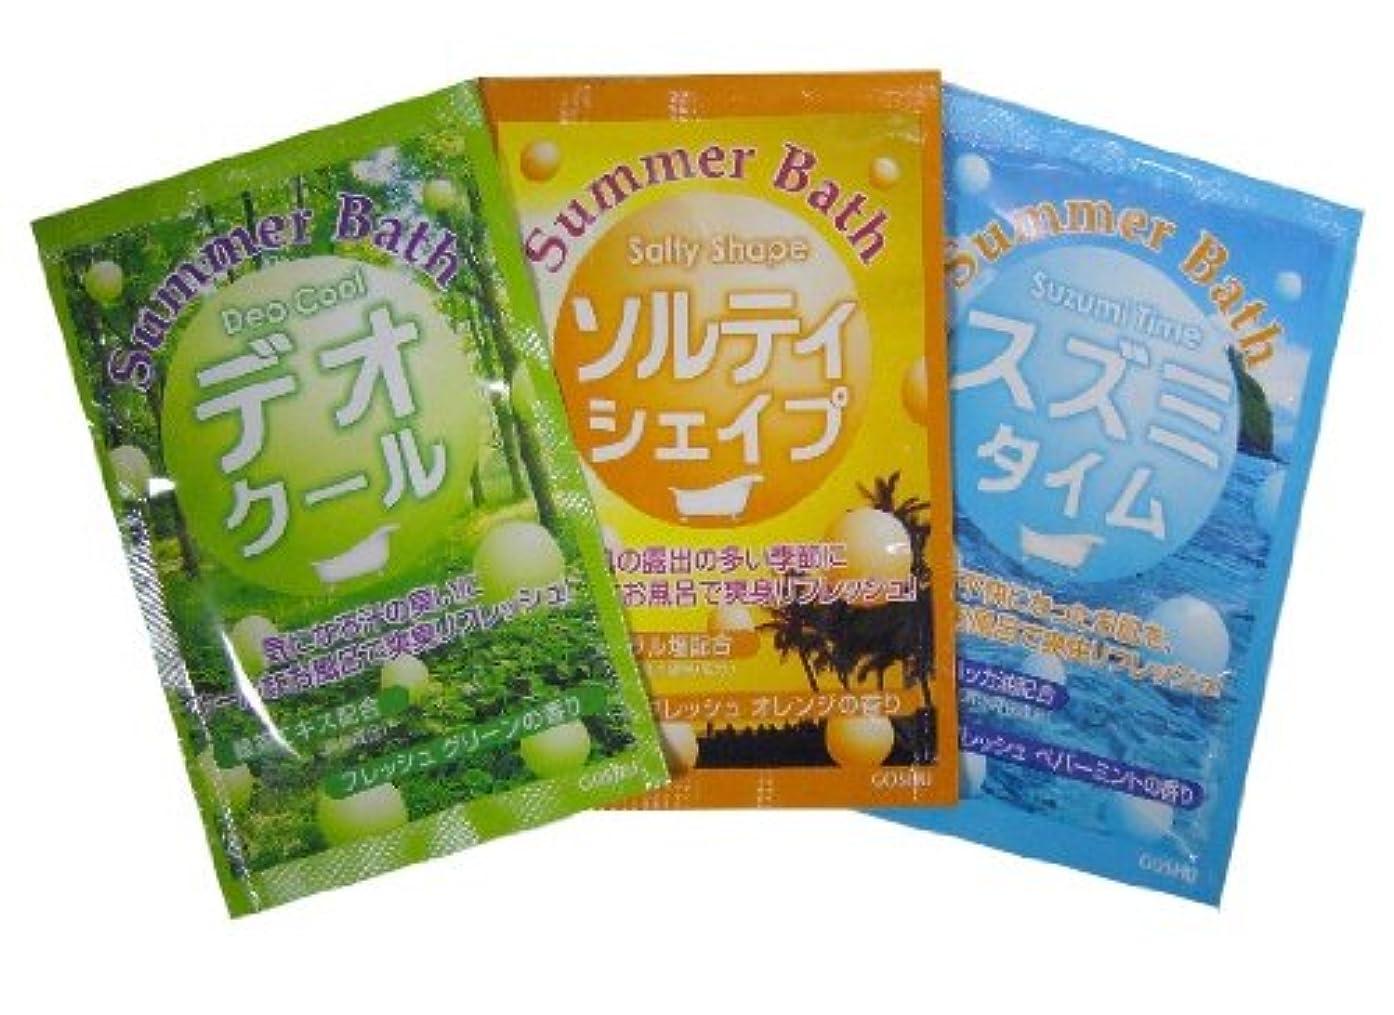 バイバイまろやかなファセット入浴剤 サマーバスシリーズ(3種) 夏のスキンケア入浴剤 各10包?計30包セット/日本製